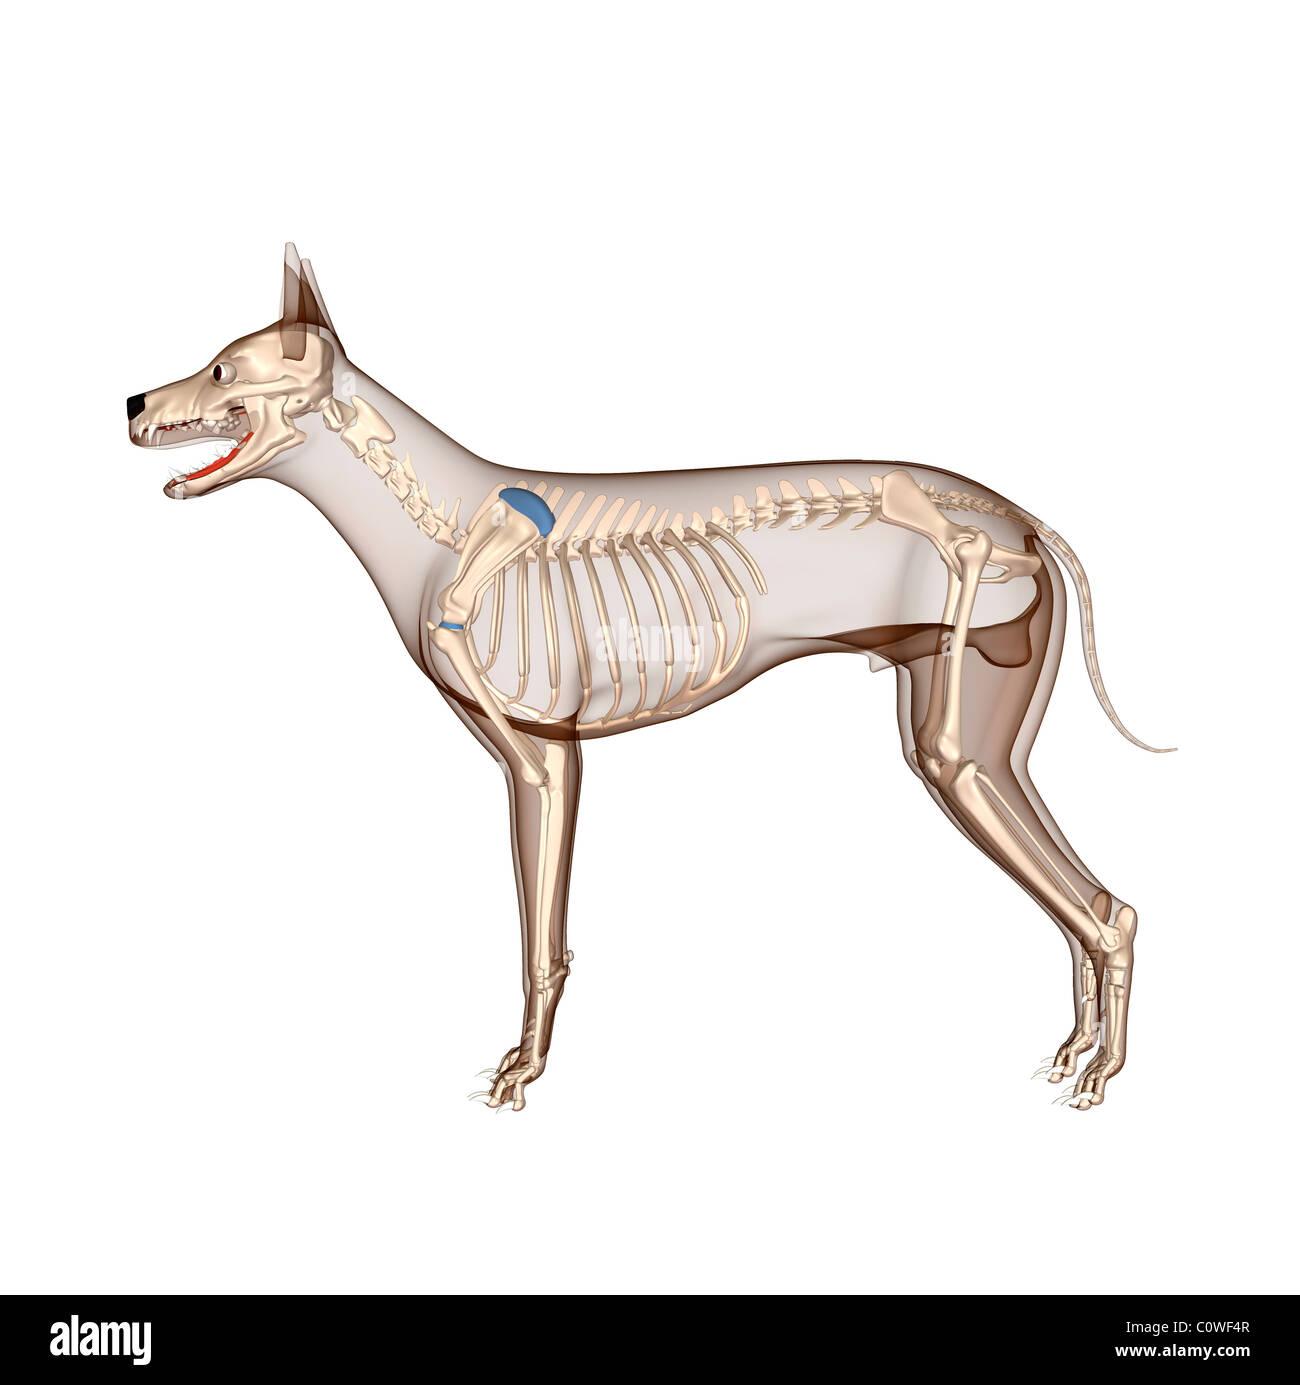 Fantastisch Interne Hund Anatomie Ideen - Menschliche Anatomie ...